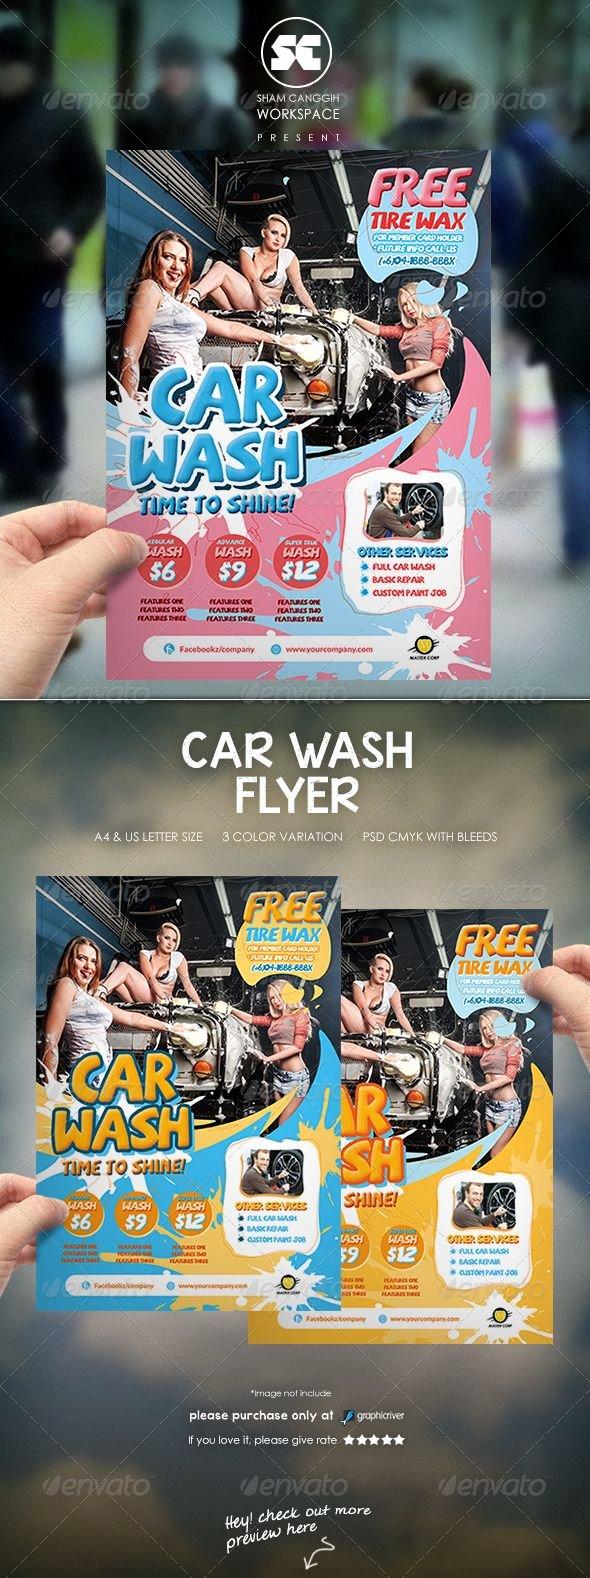 Car Wash Flyers Template Unique 1000 Images About Auto Bridal On Pinterest